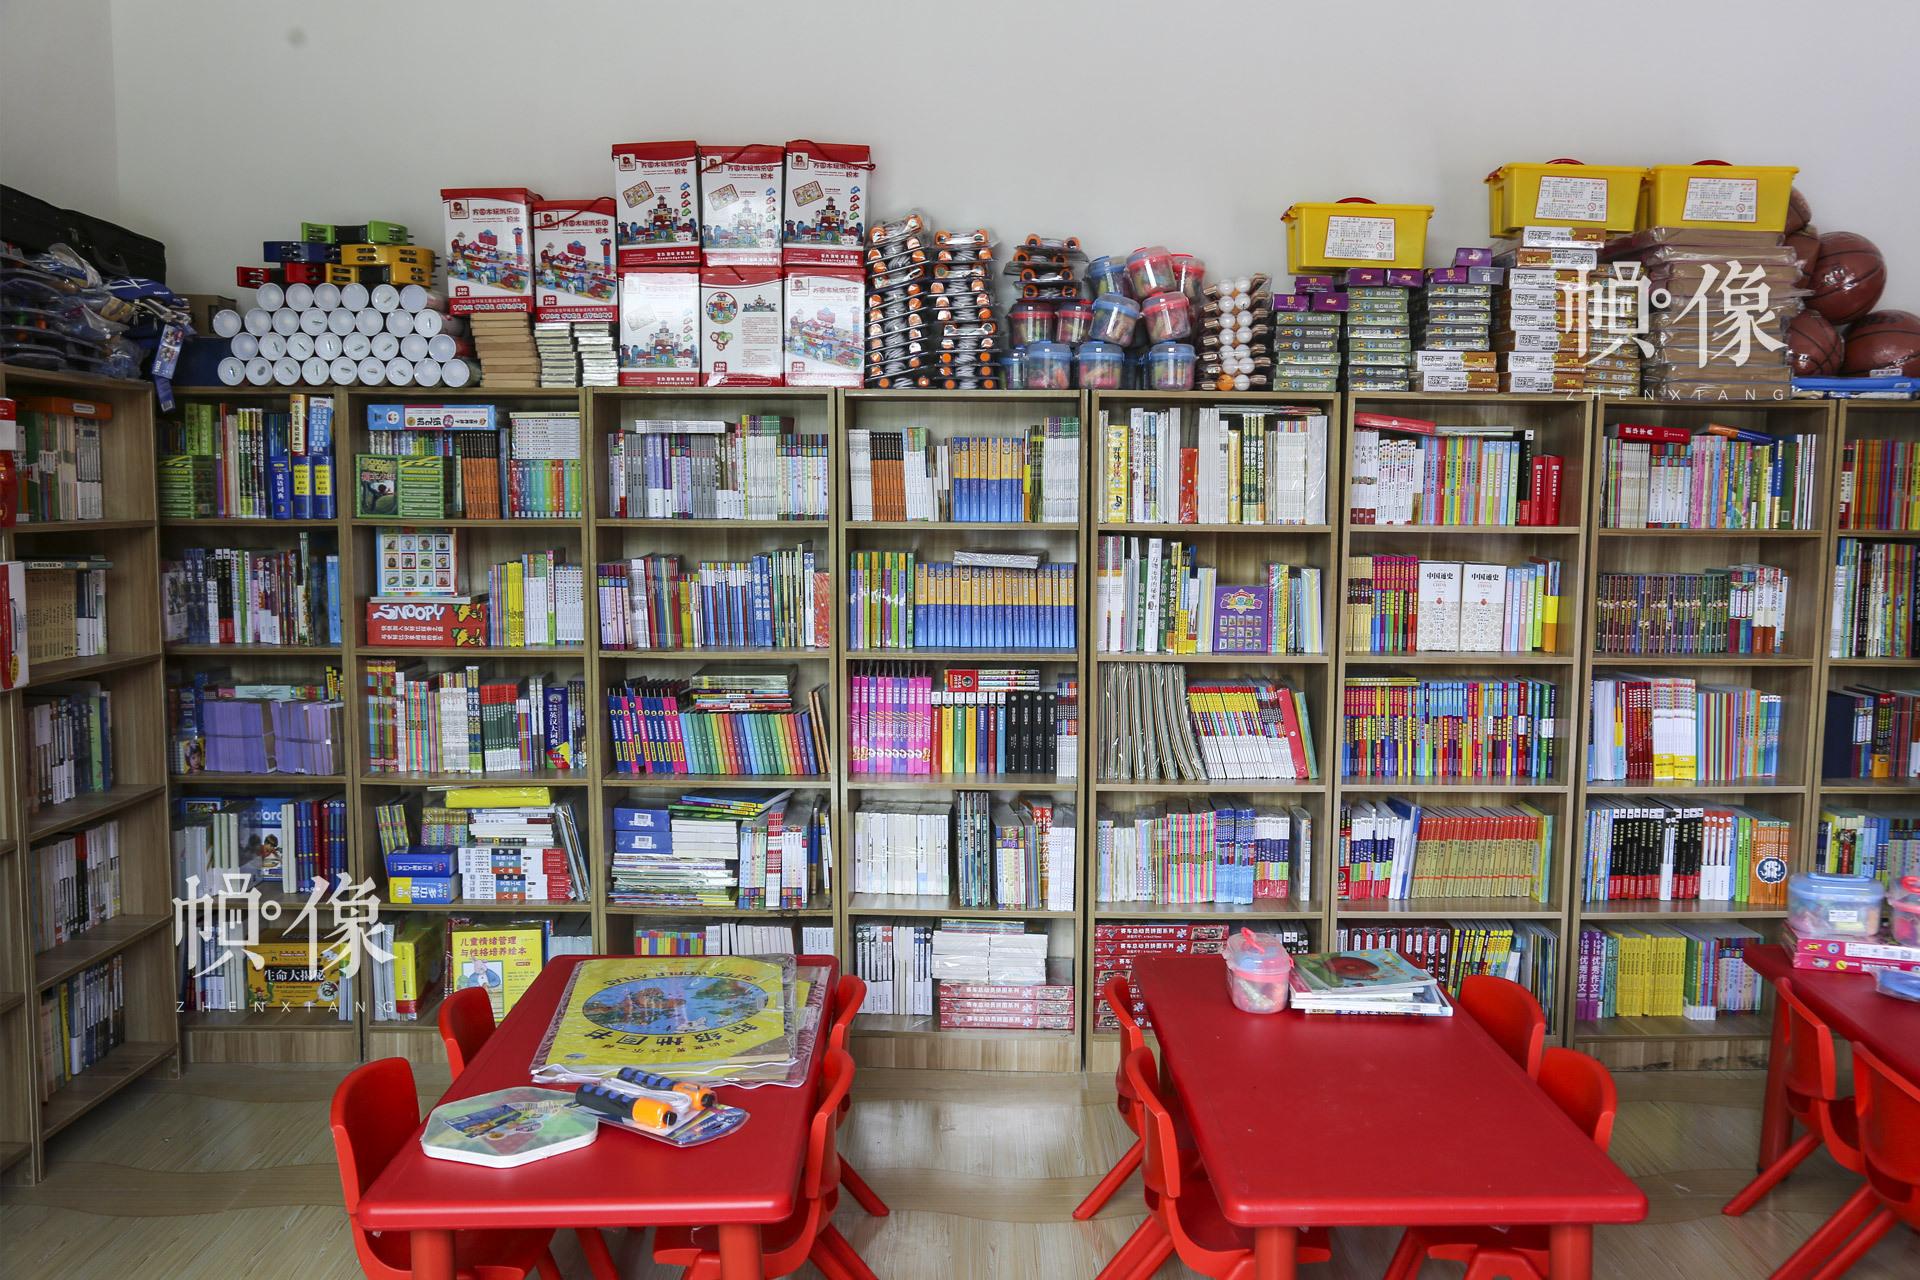 """从2017年7月起,安龙县3个儿童快乐家园正式投入使用。这里有宽敞明亮的儿童活动区、阅览区;有各式各样的儿童科教玩具以及管理人员、""""爱心妈妈""""和志愿者的精心呵护。中国网记者 黄富友 摄"""